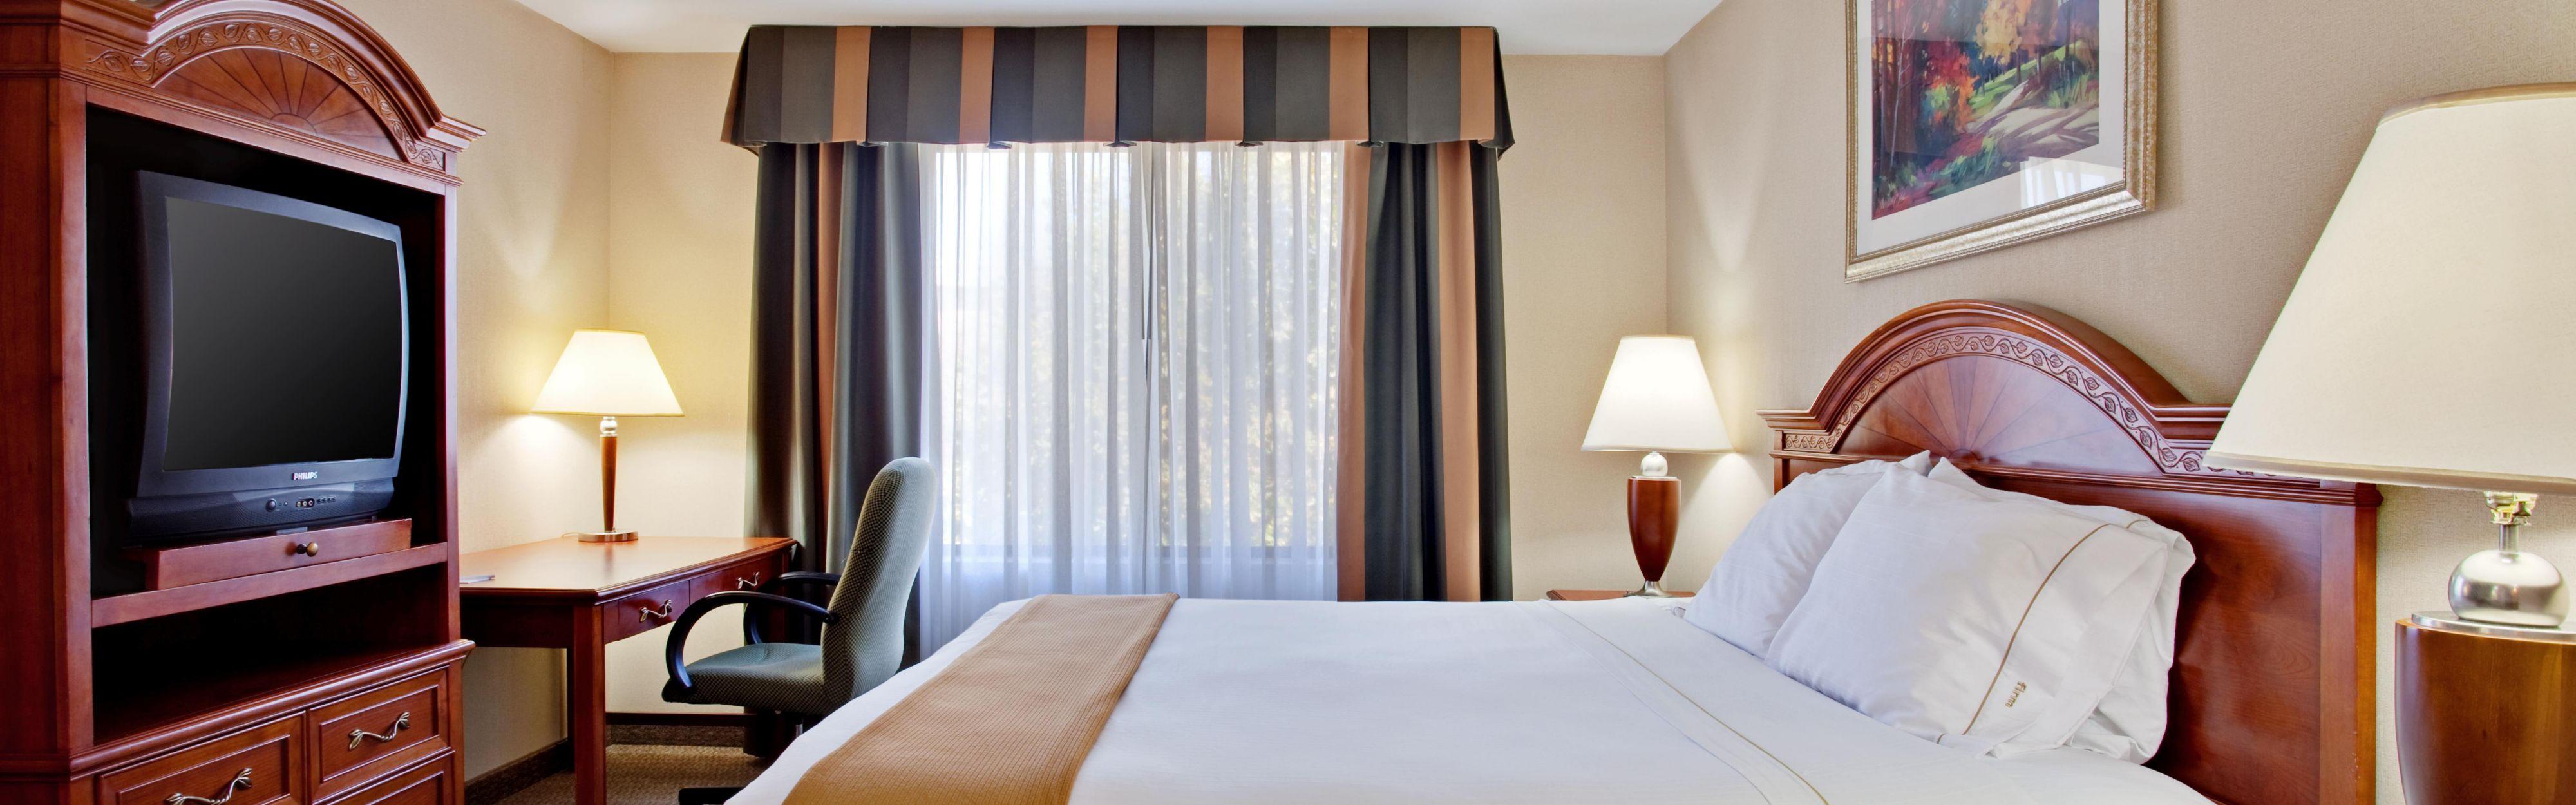 Holiday Inn Express & Suites Santa Clarita image 1